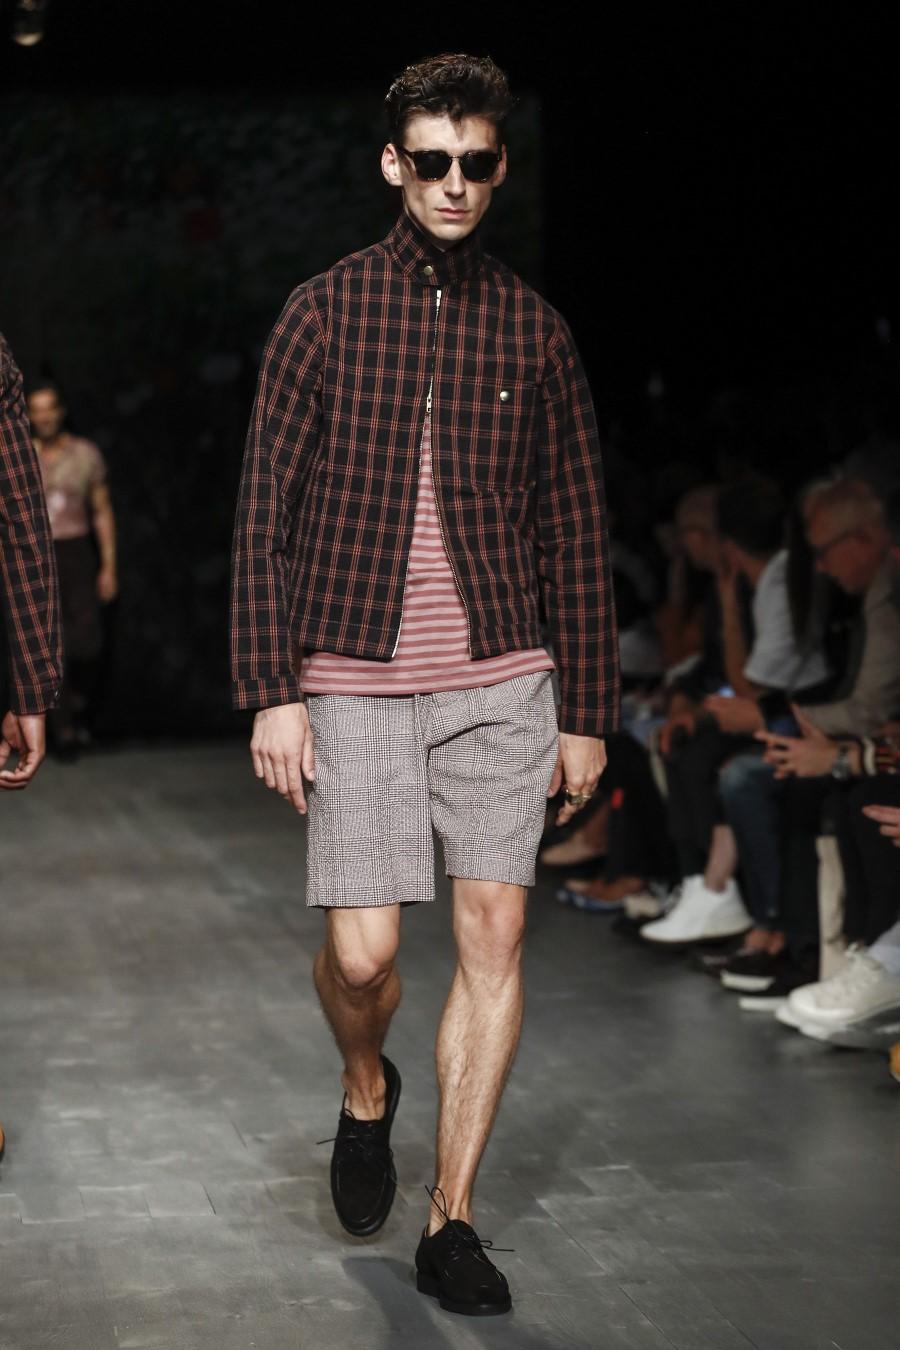 Oliver Spencer Printemps/Été 2019 - London Fashion Week Men's